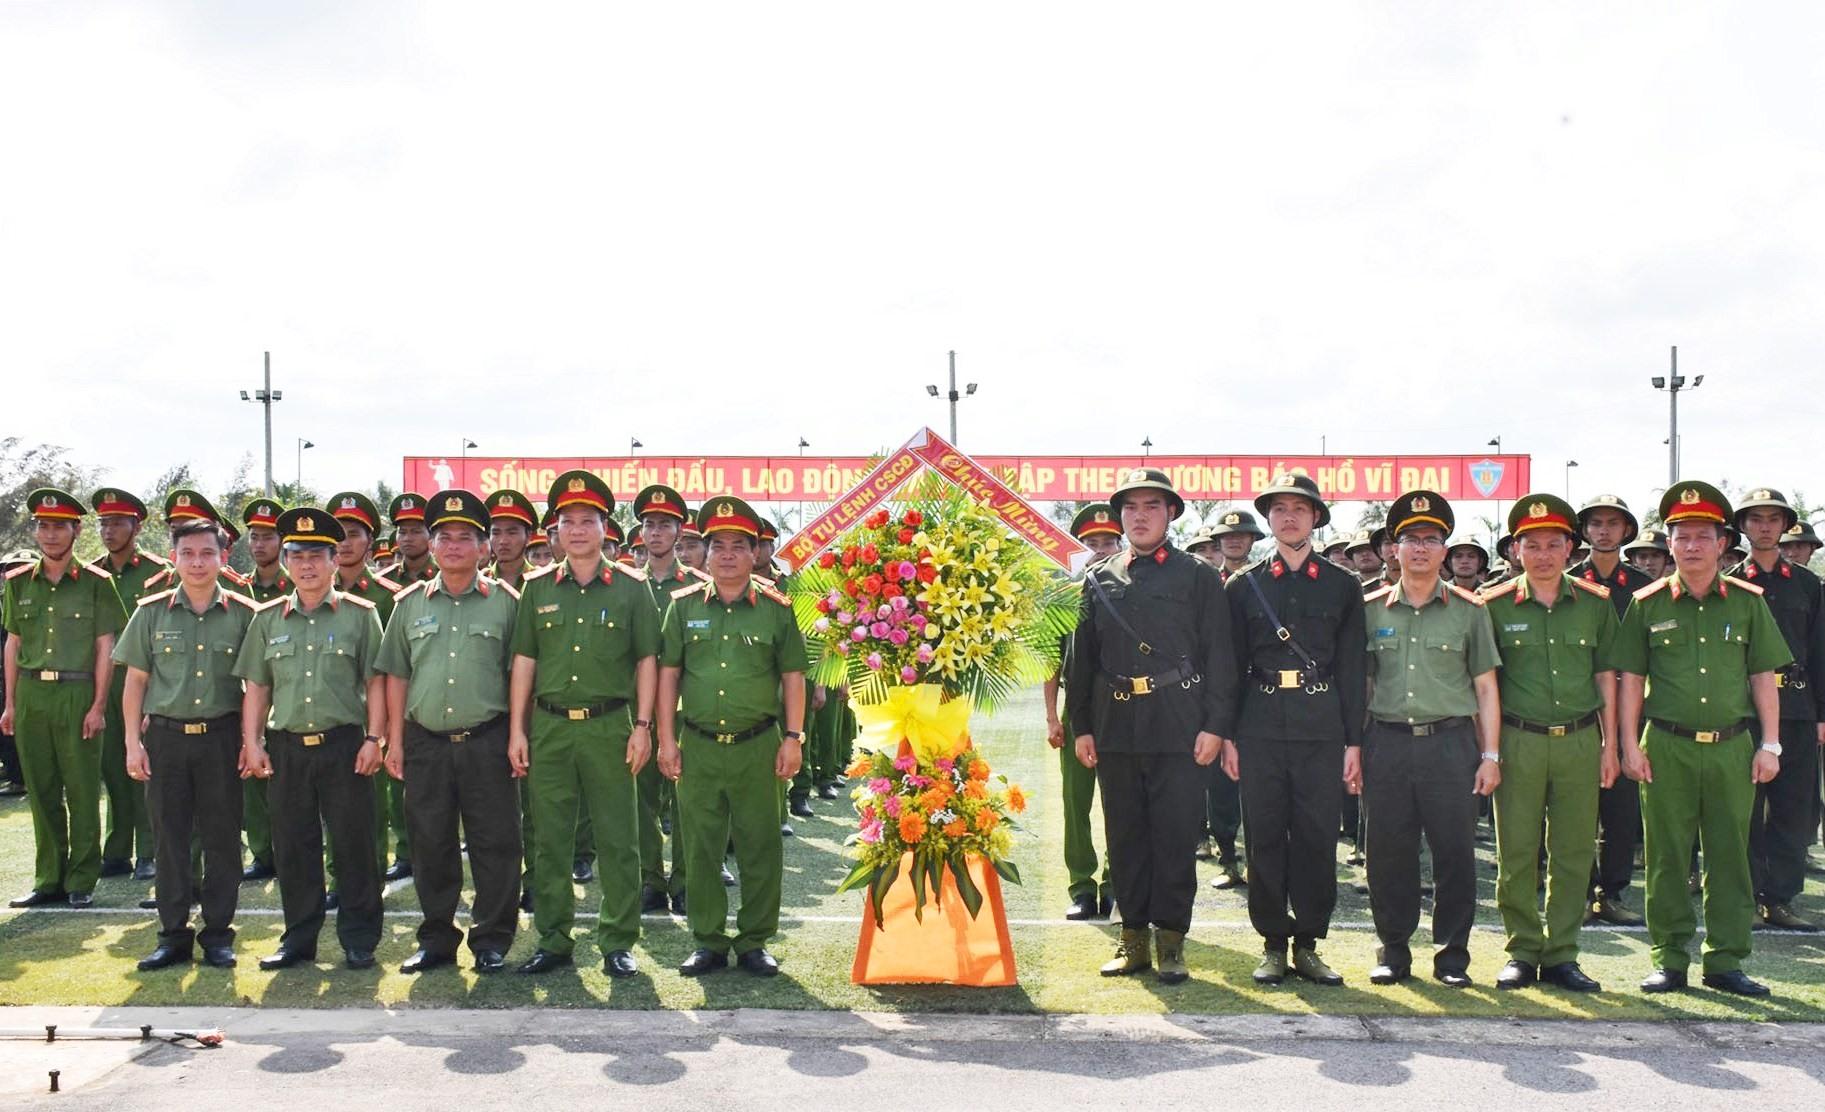 85 chiến sĩ mới tham gia khóa huấn luyện tại Trung đoàn CSCĐ Trung Bộ. Ảnh: M.T